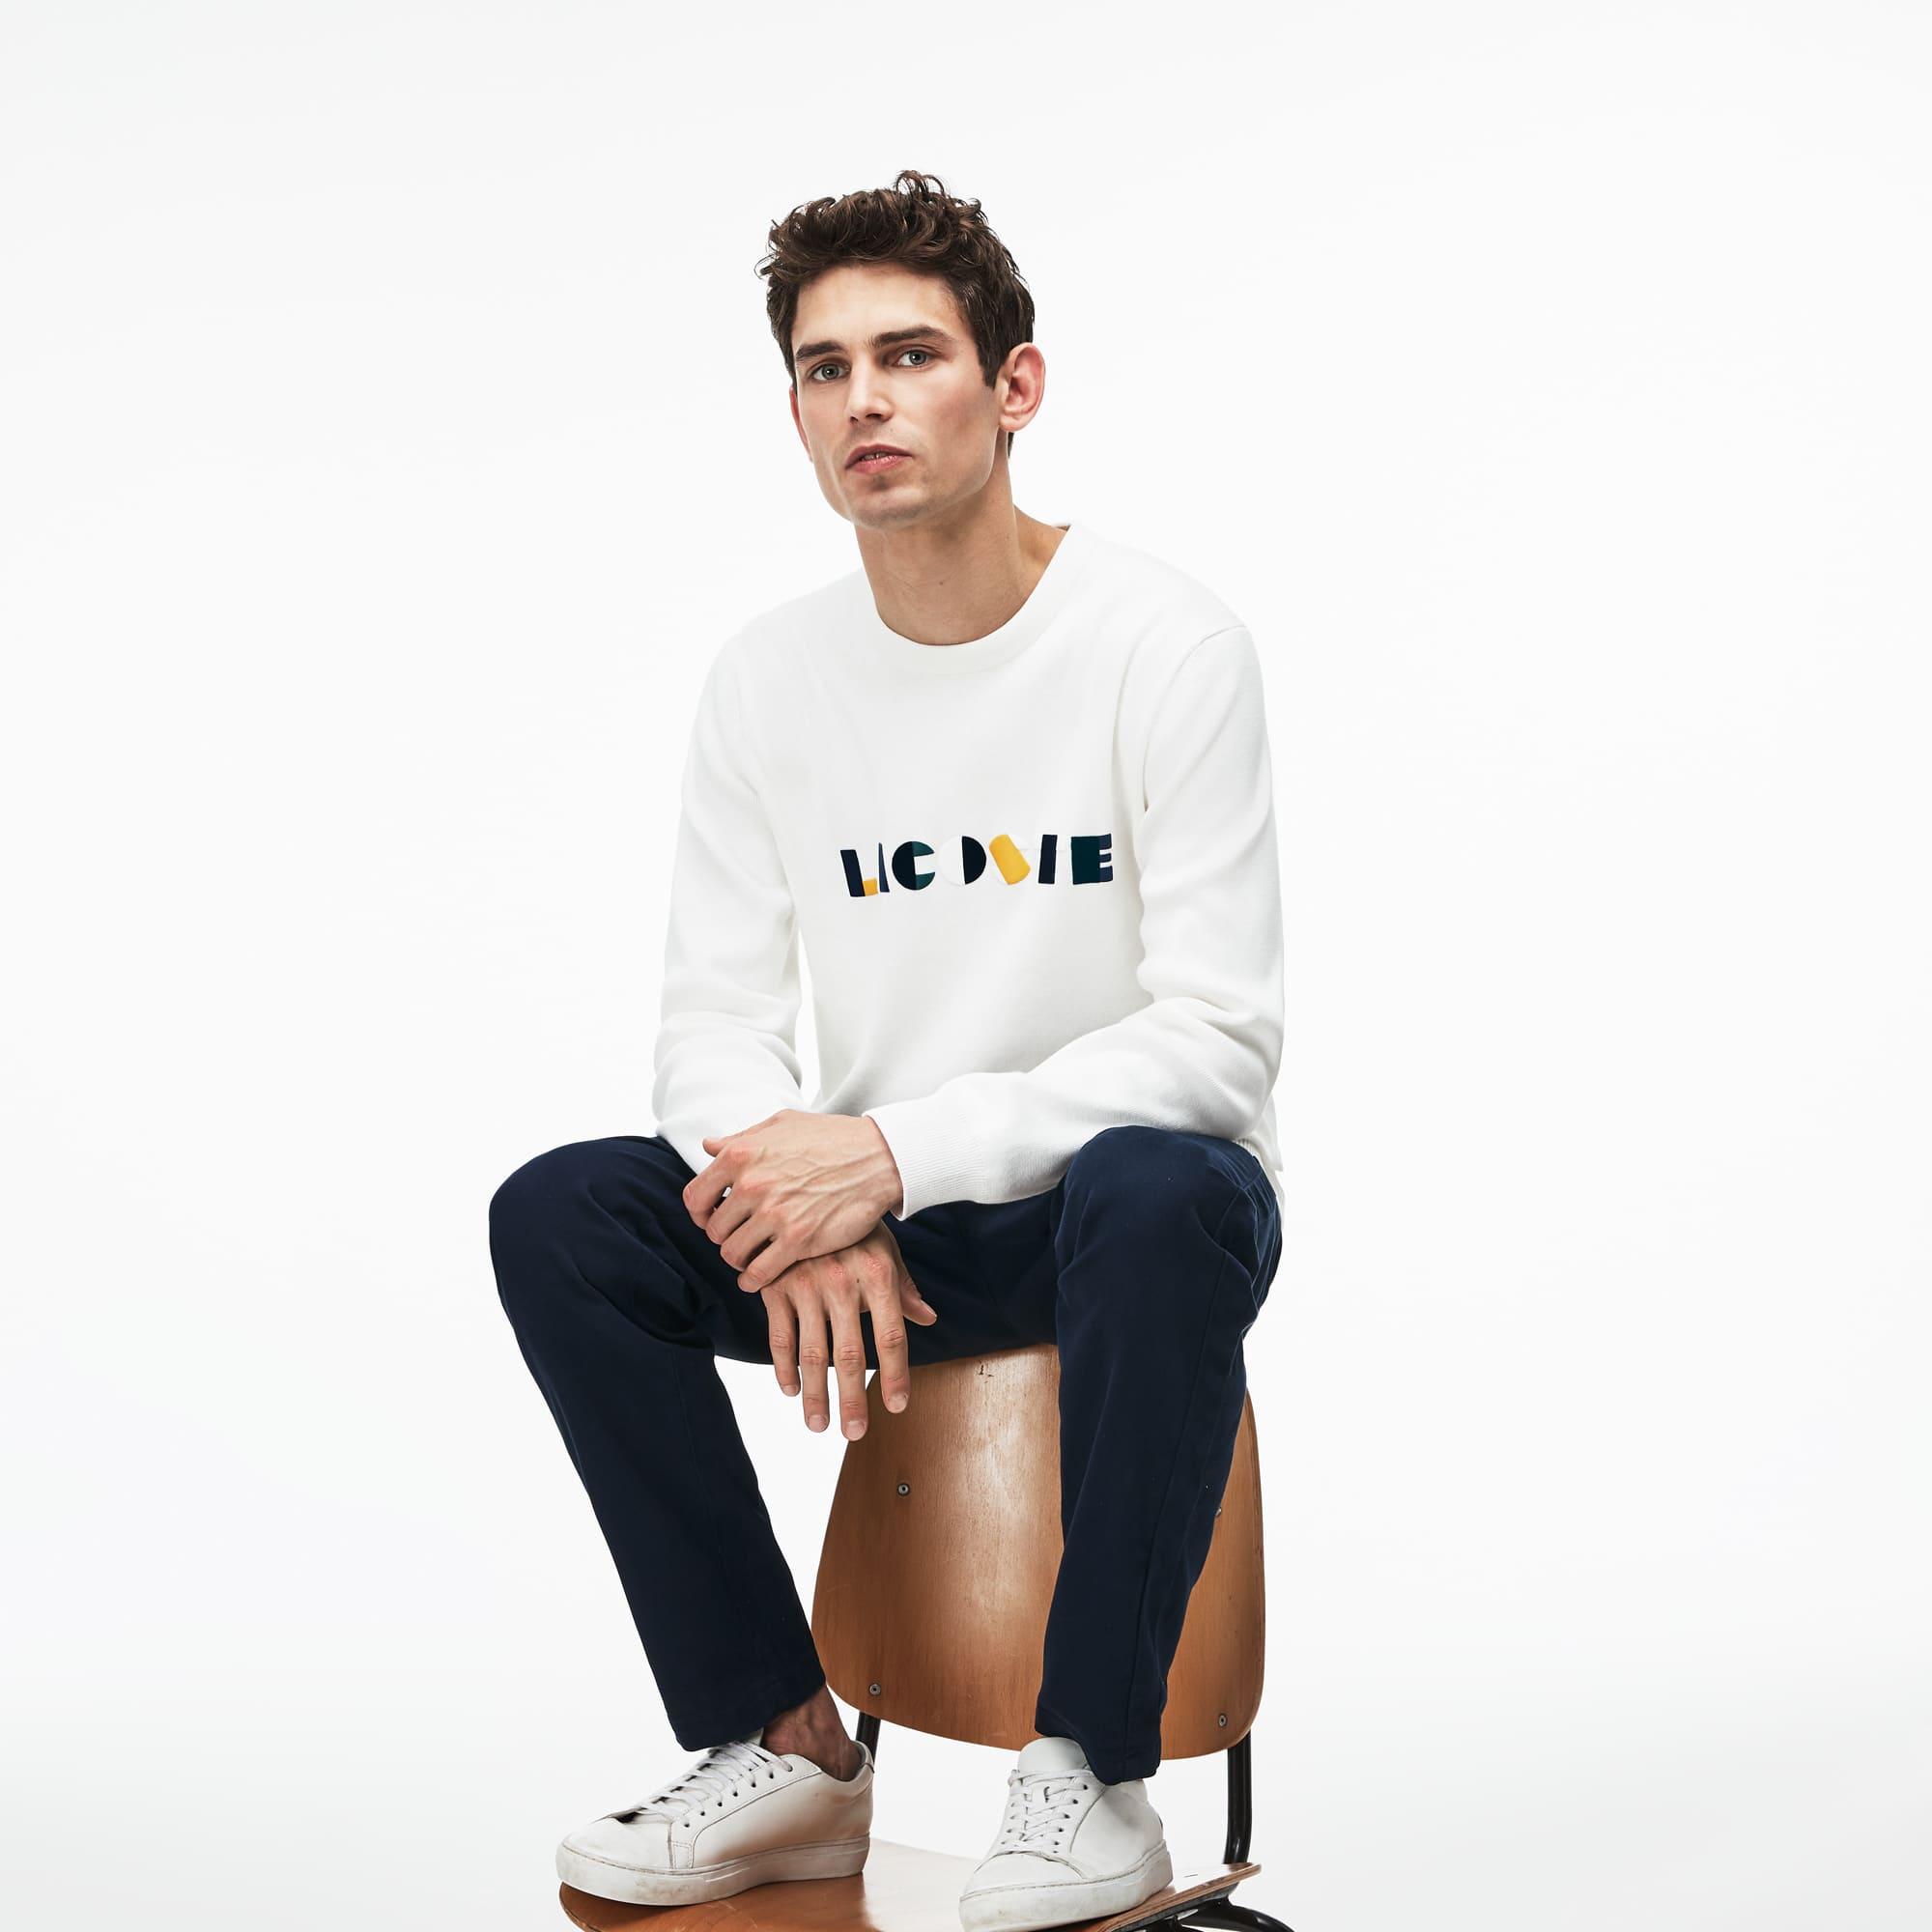 Camisola de decote redondo em algodão Pima canelado com marcação Lacoste